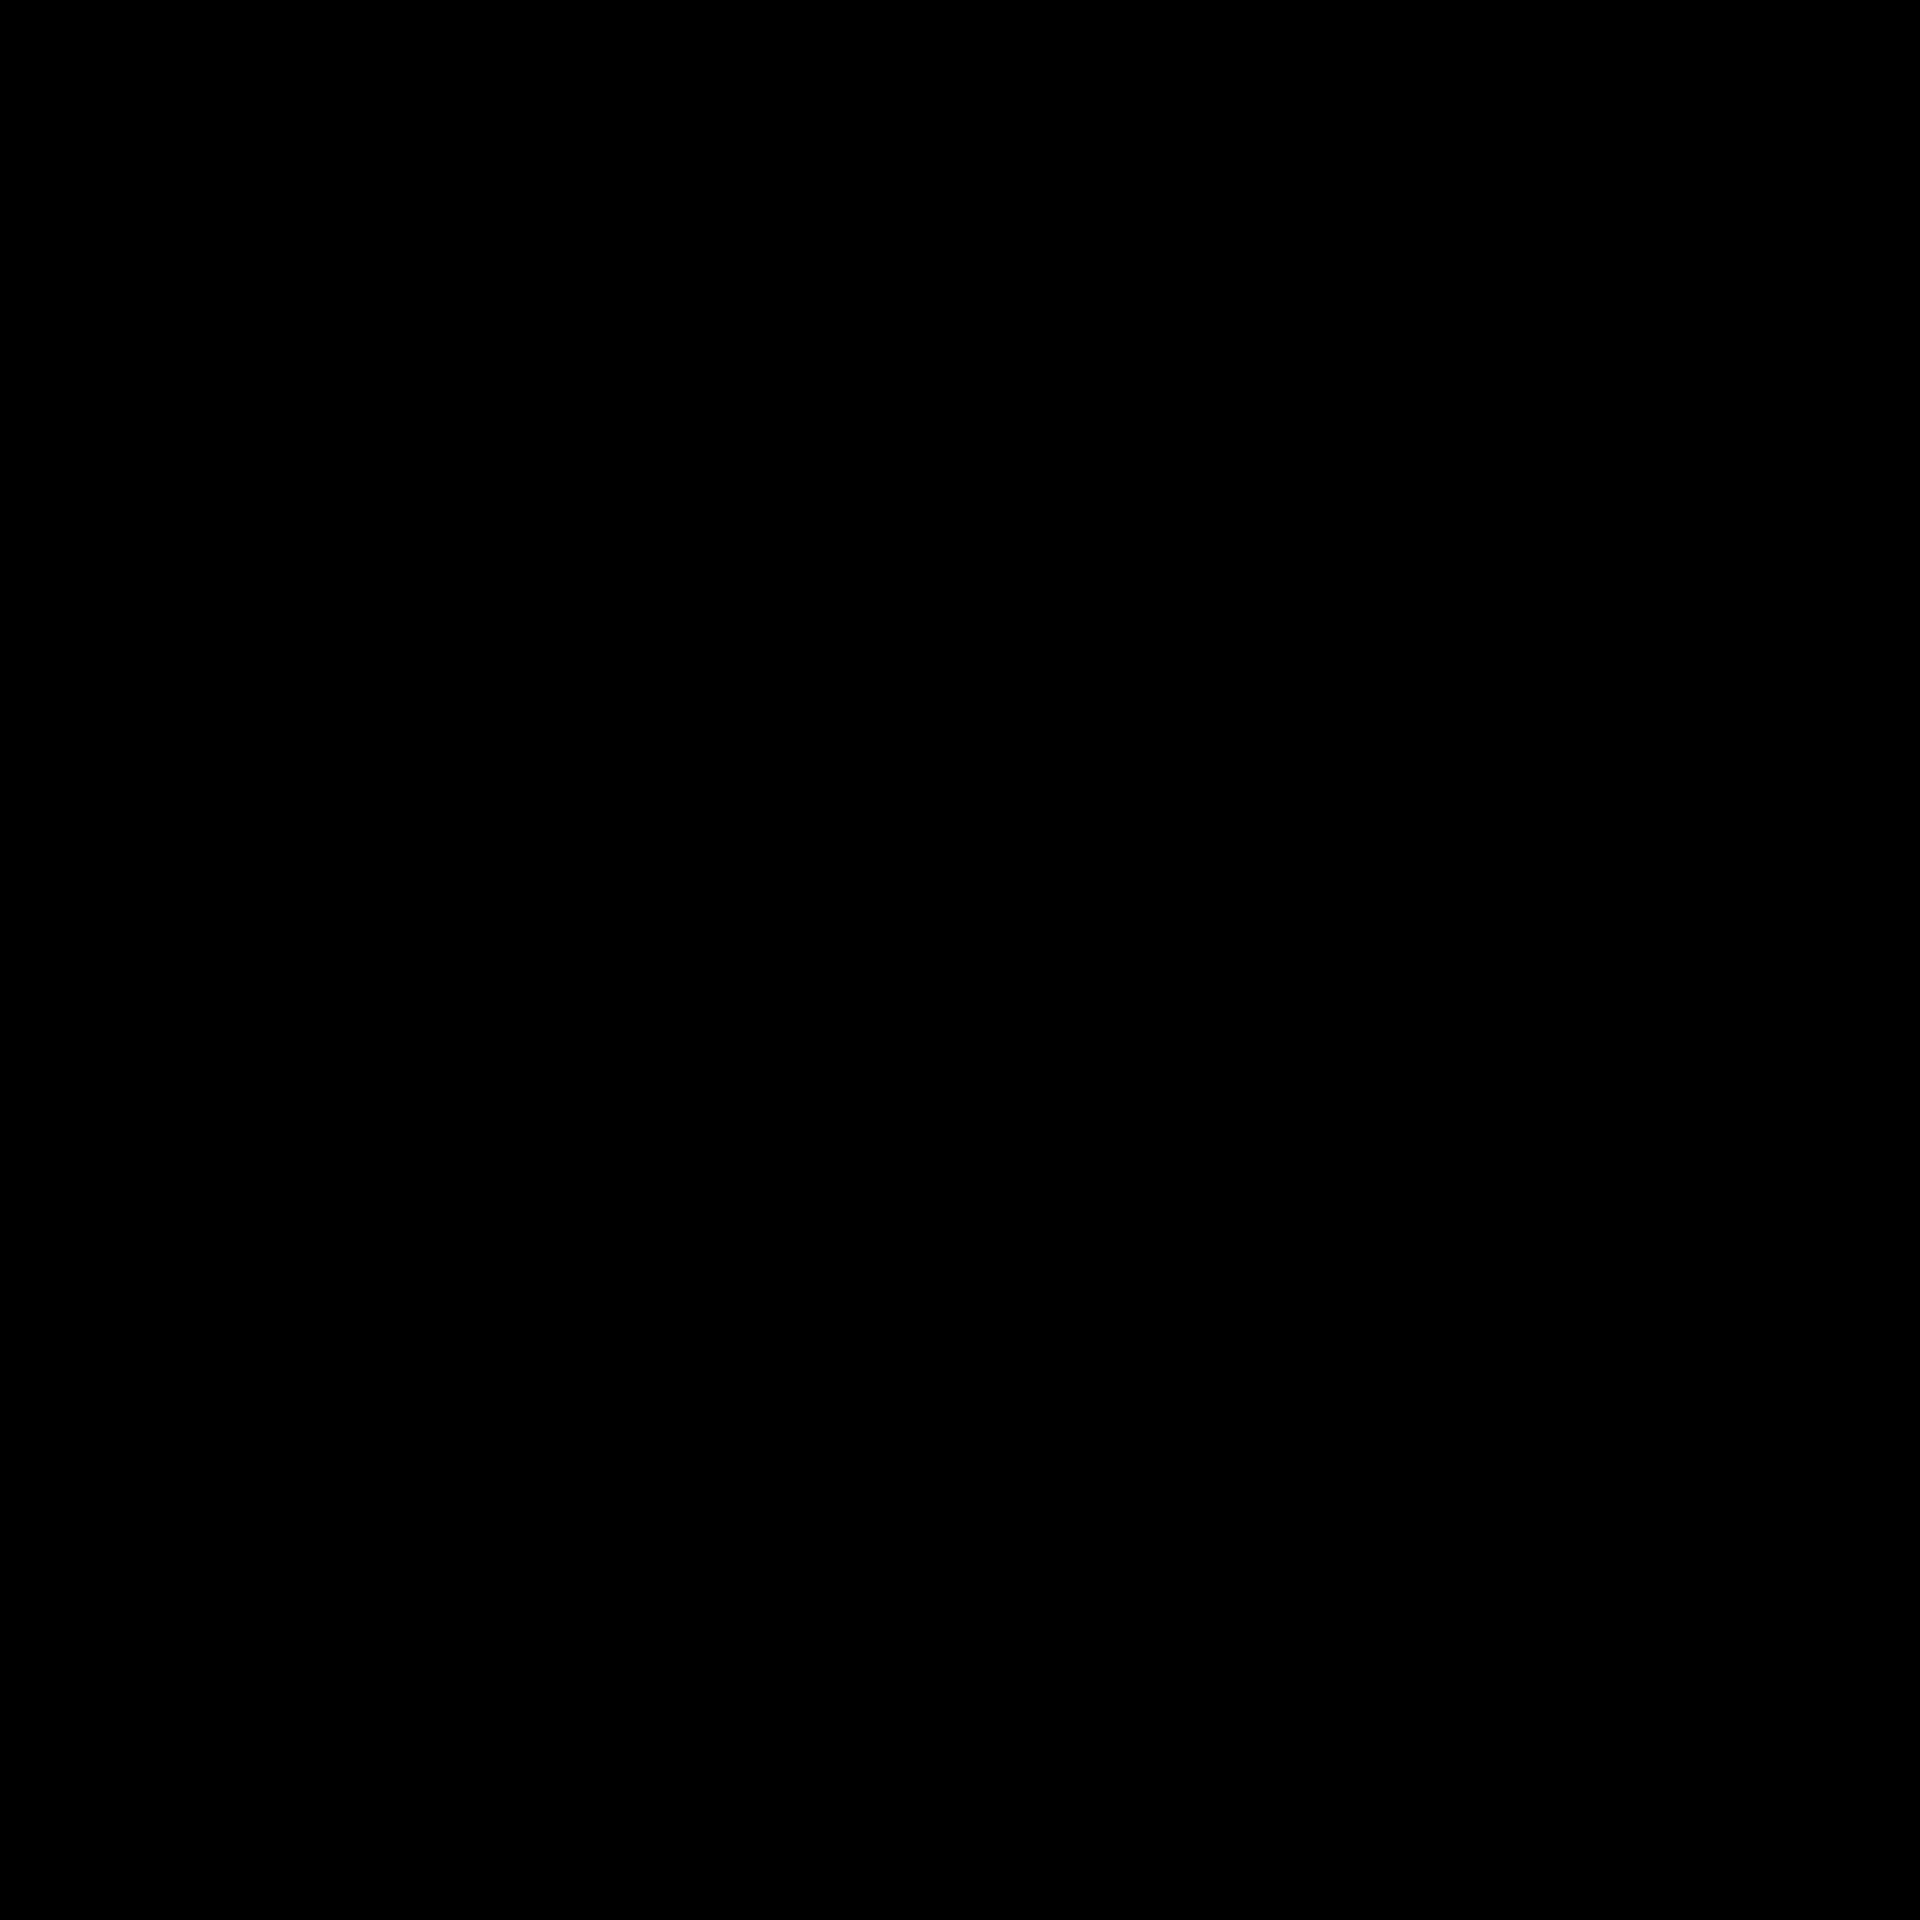 Frame ảnh đen trắng